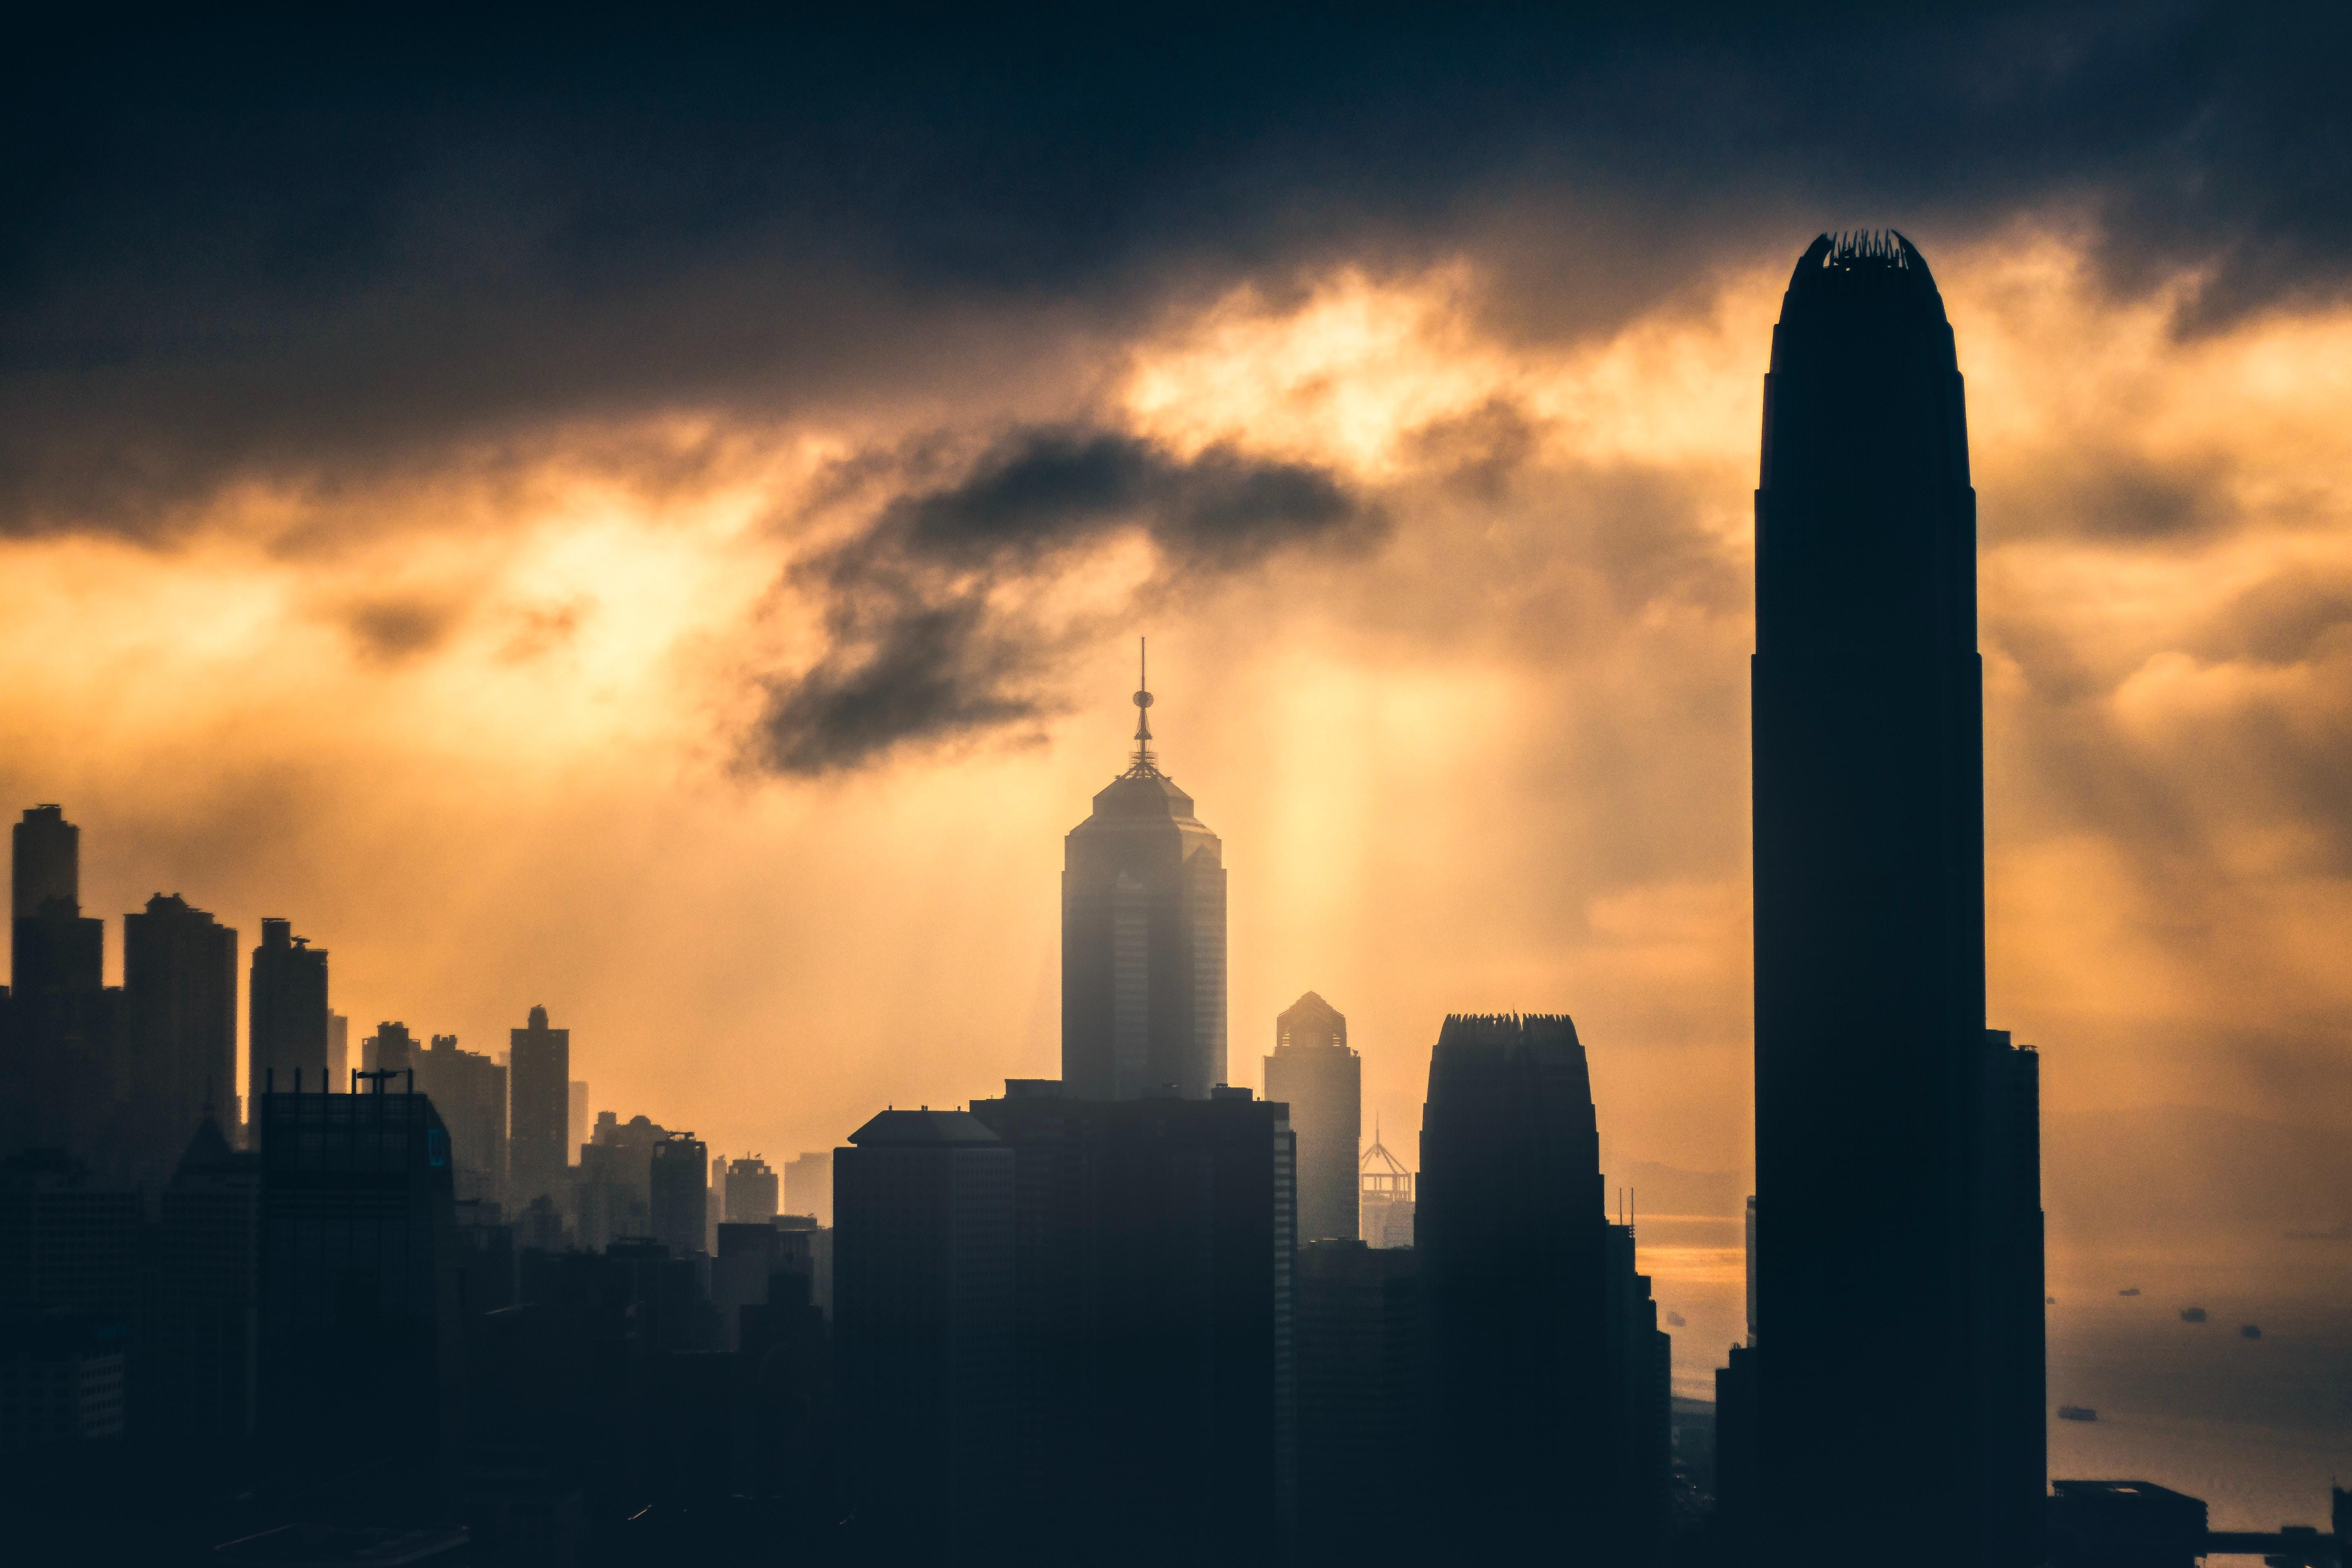 Cum va arăta lumea peste 30 de ani? Orașele se vor schimba radical